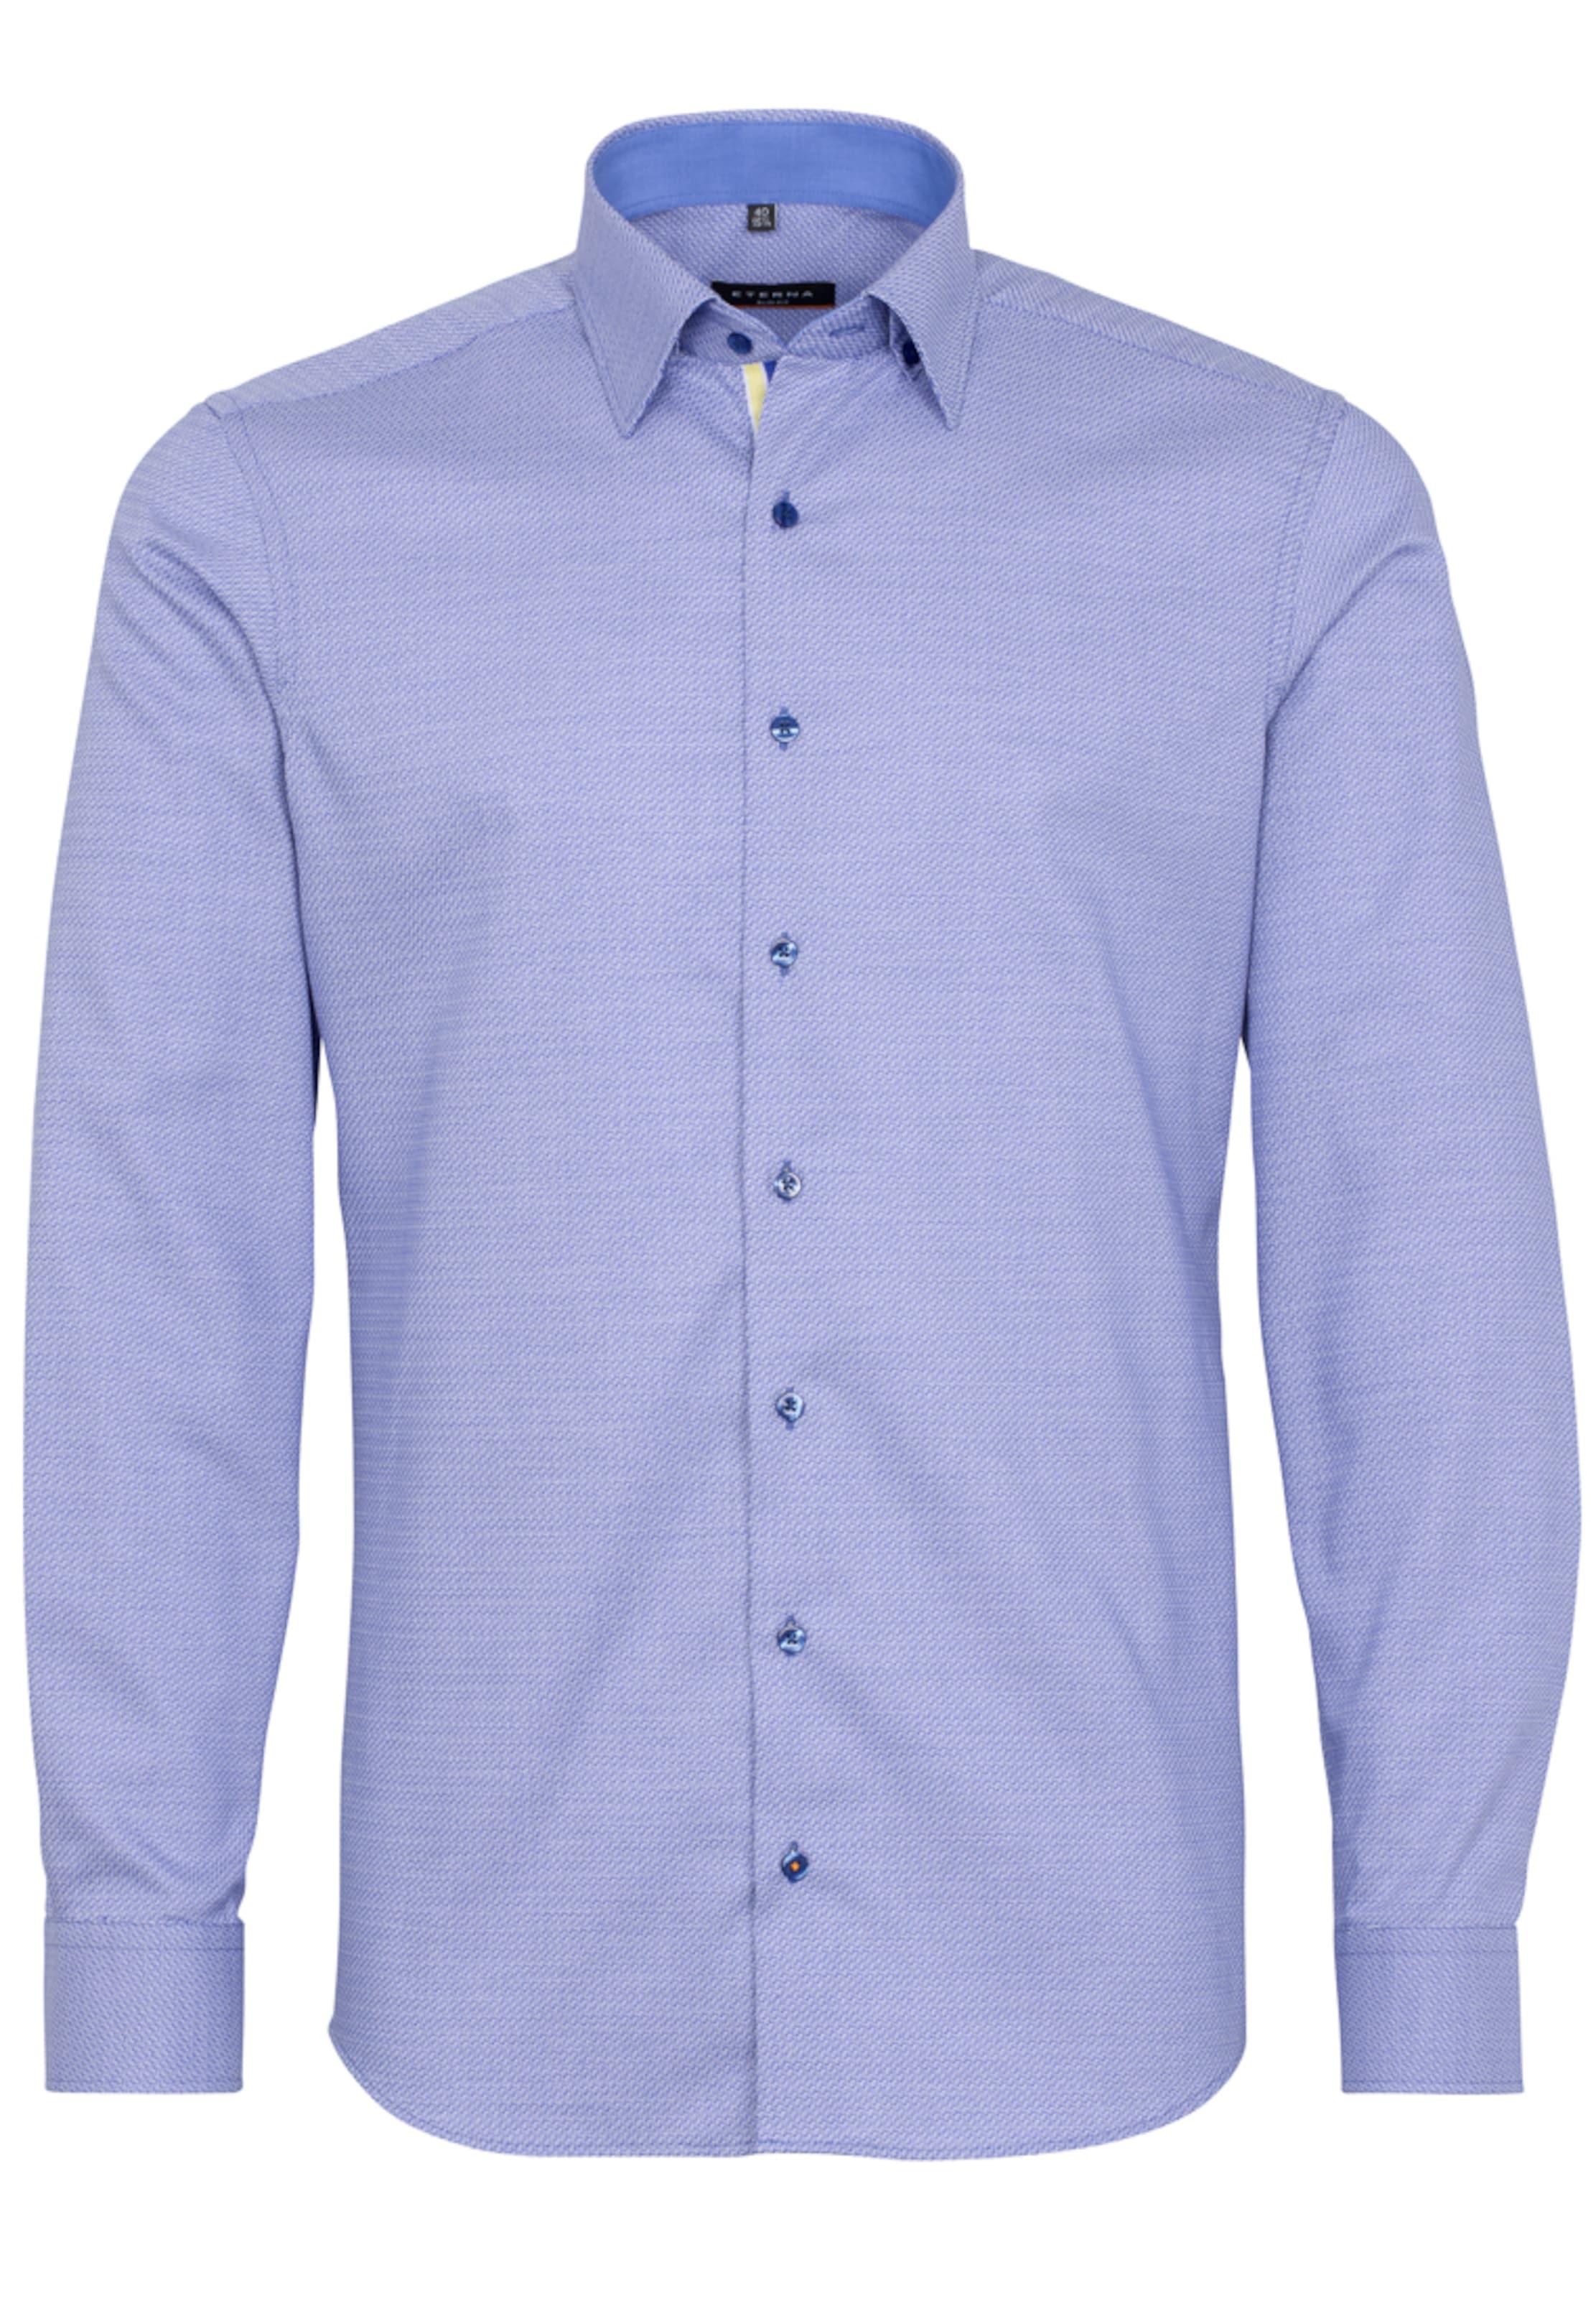 ETERNA Langarm Hemd SLIM FIT Günstig Kaufen Manchester Großen Verkauf Preiswerte Reale Finish Rabatt Bester Platz Billige Breite Palette Von Lxoz31